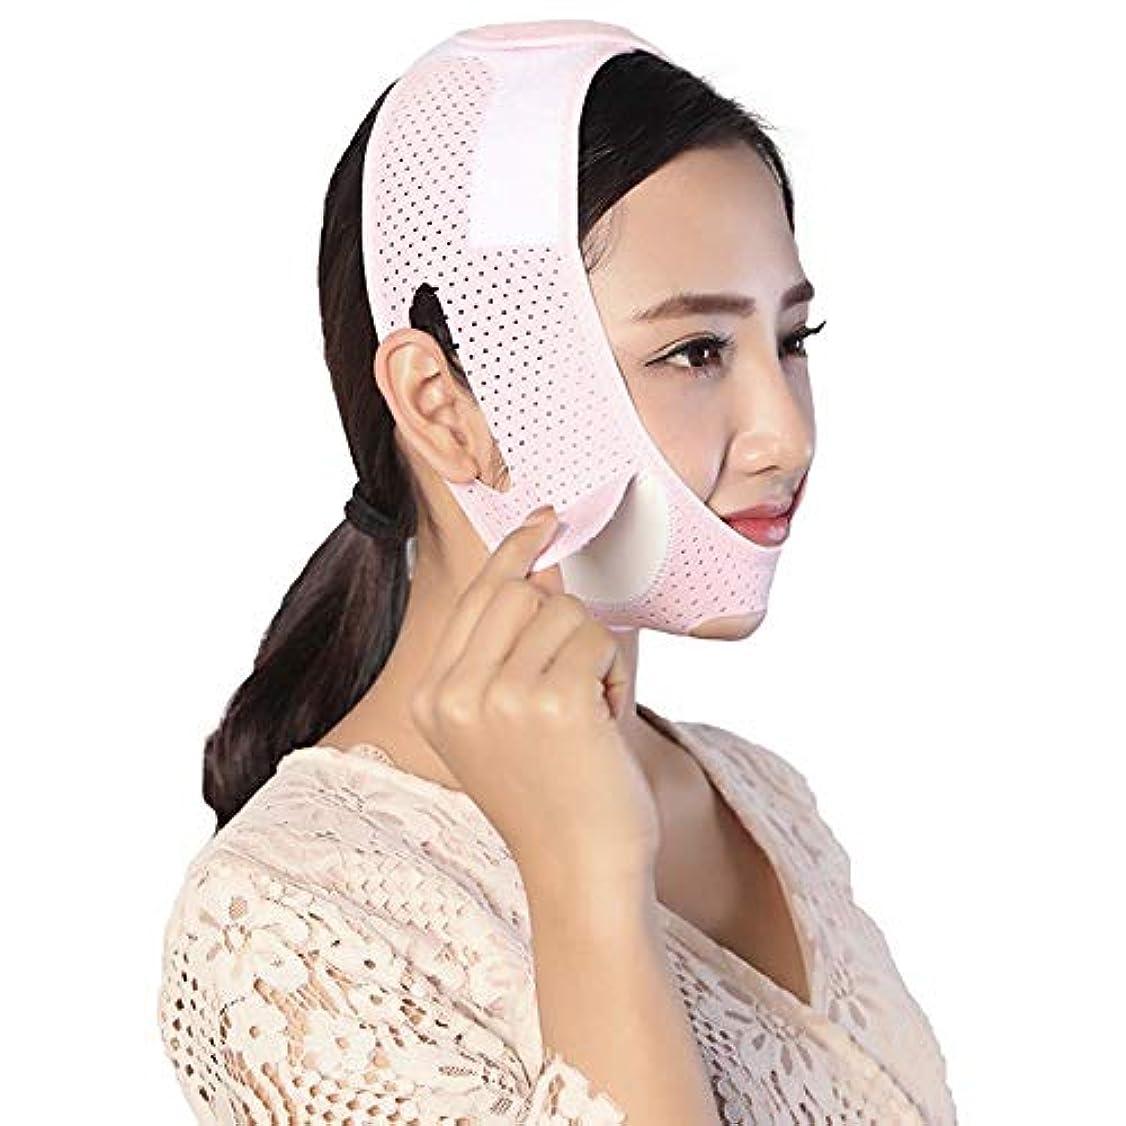 アルバムスパンカーテン薄い顔のバンド - 薄い顔の包帯は、ダブルの顎の法令Vをマスクするために持ち上げて睡眠マスクの通気